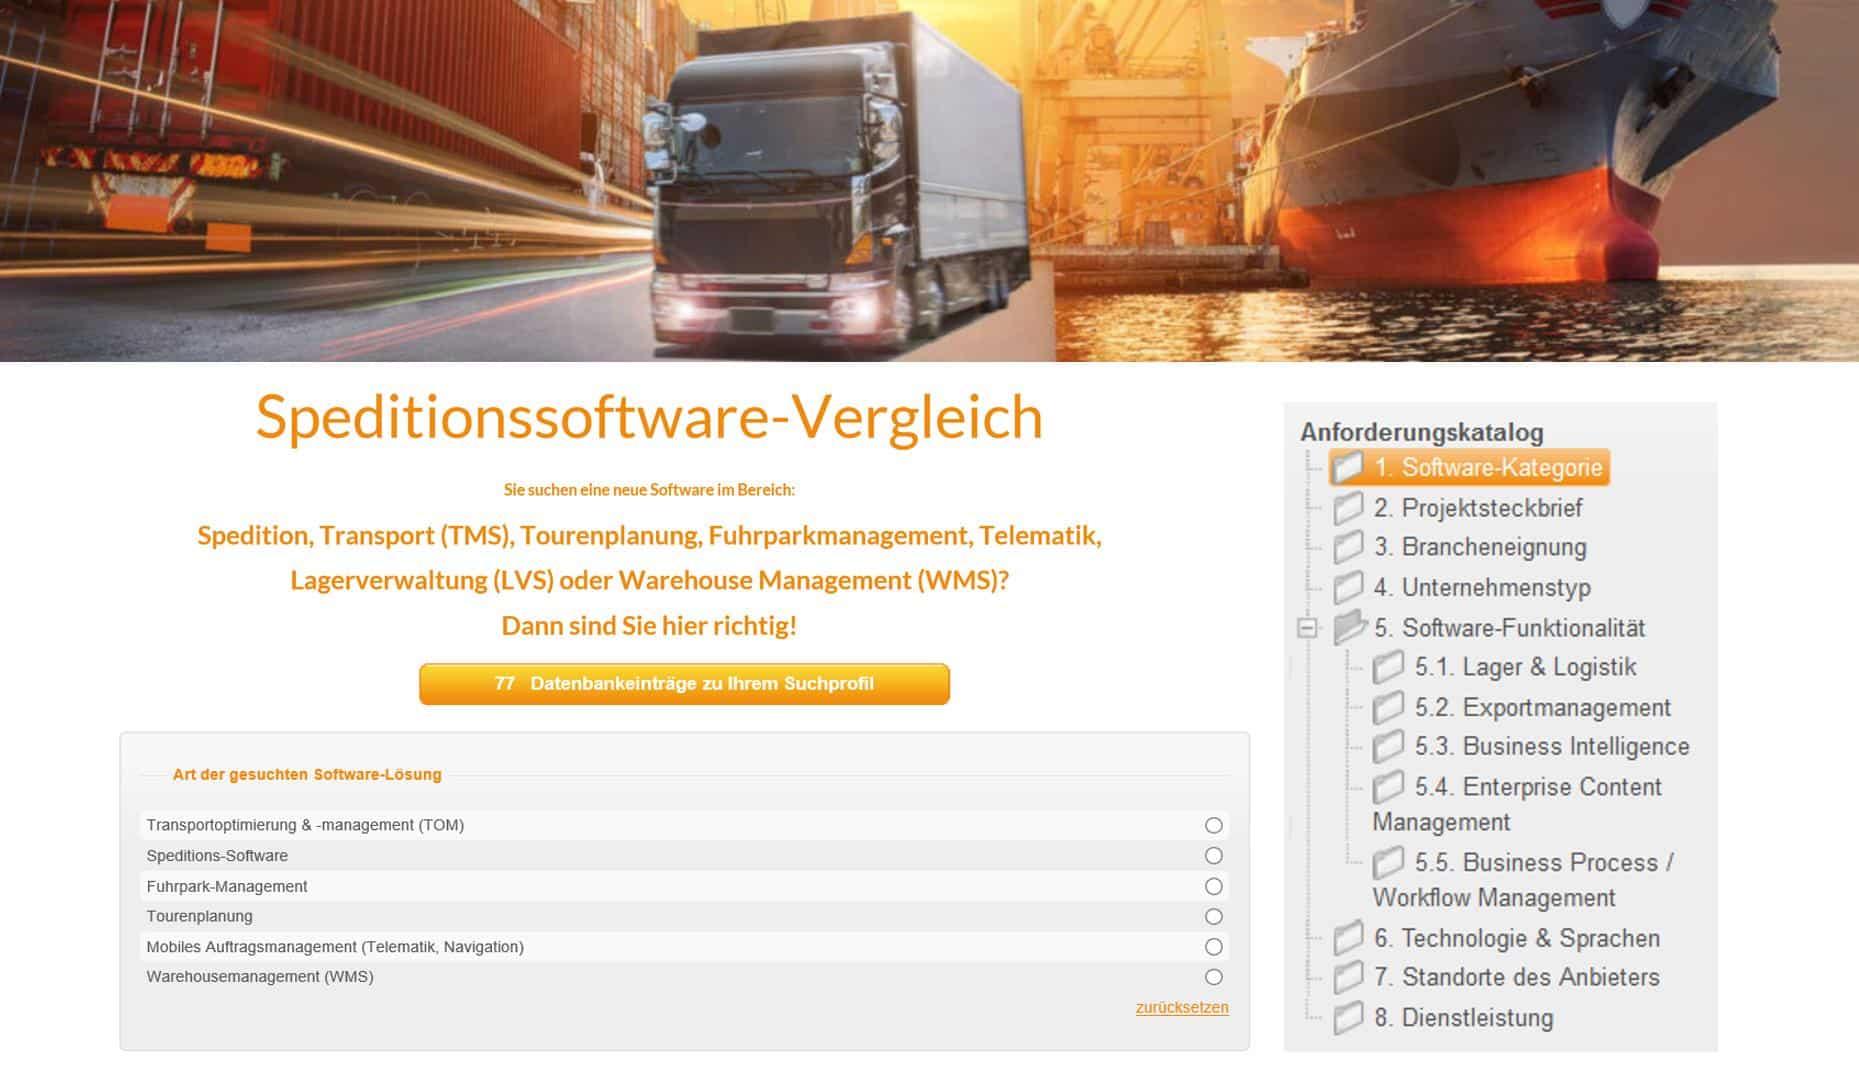 42 neue Anbieter im Bereich WMS-LVS auf www.speditionssoftware-vergleich.de